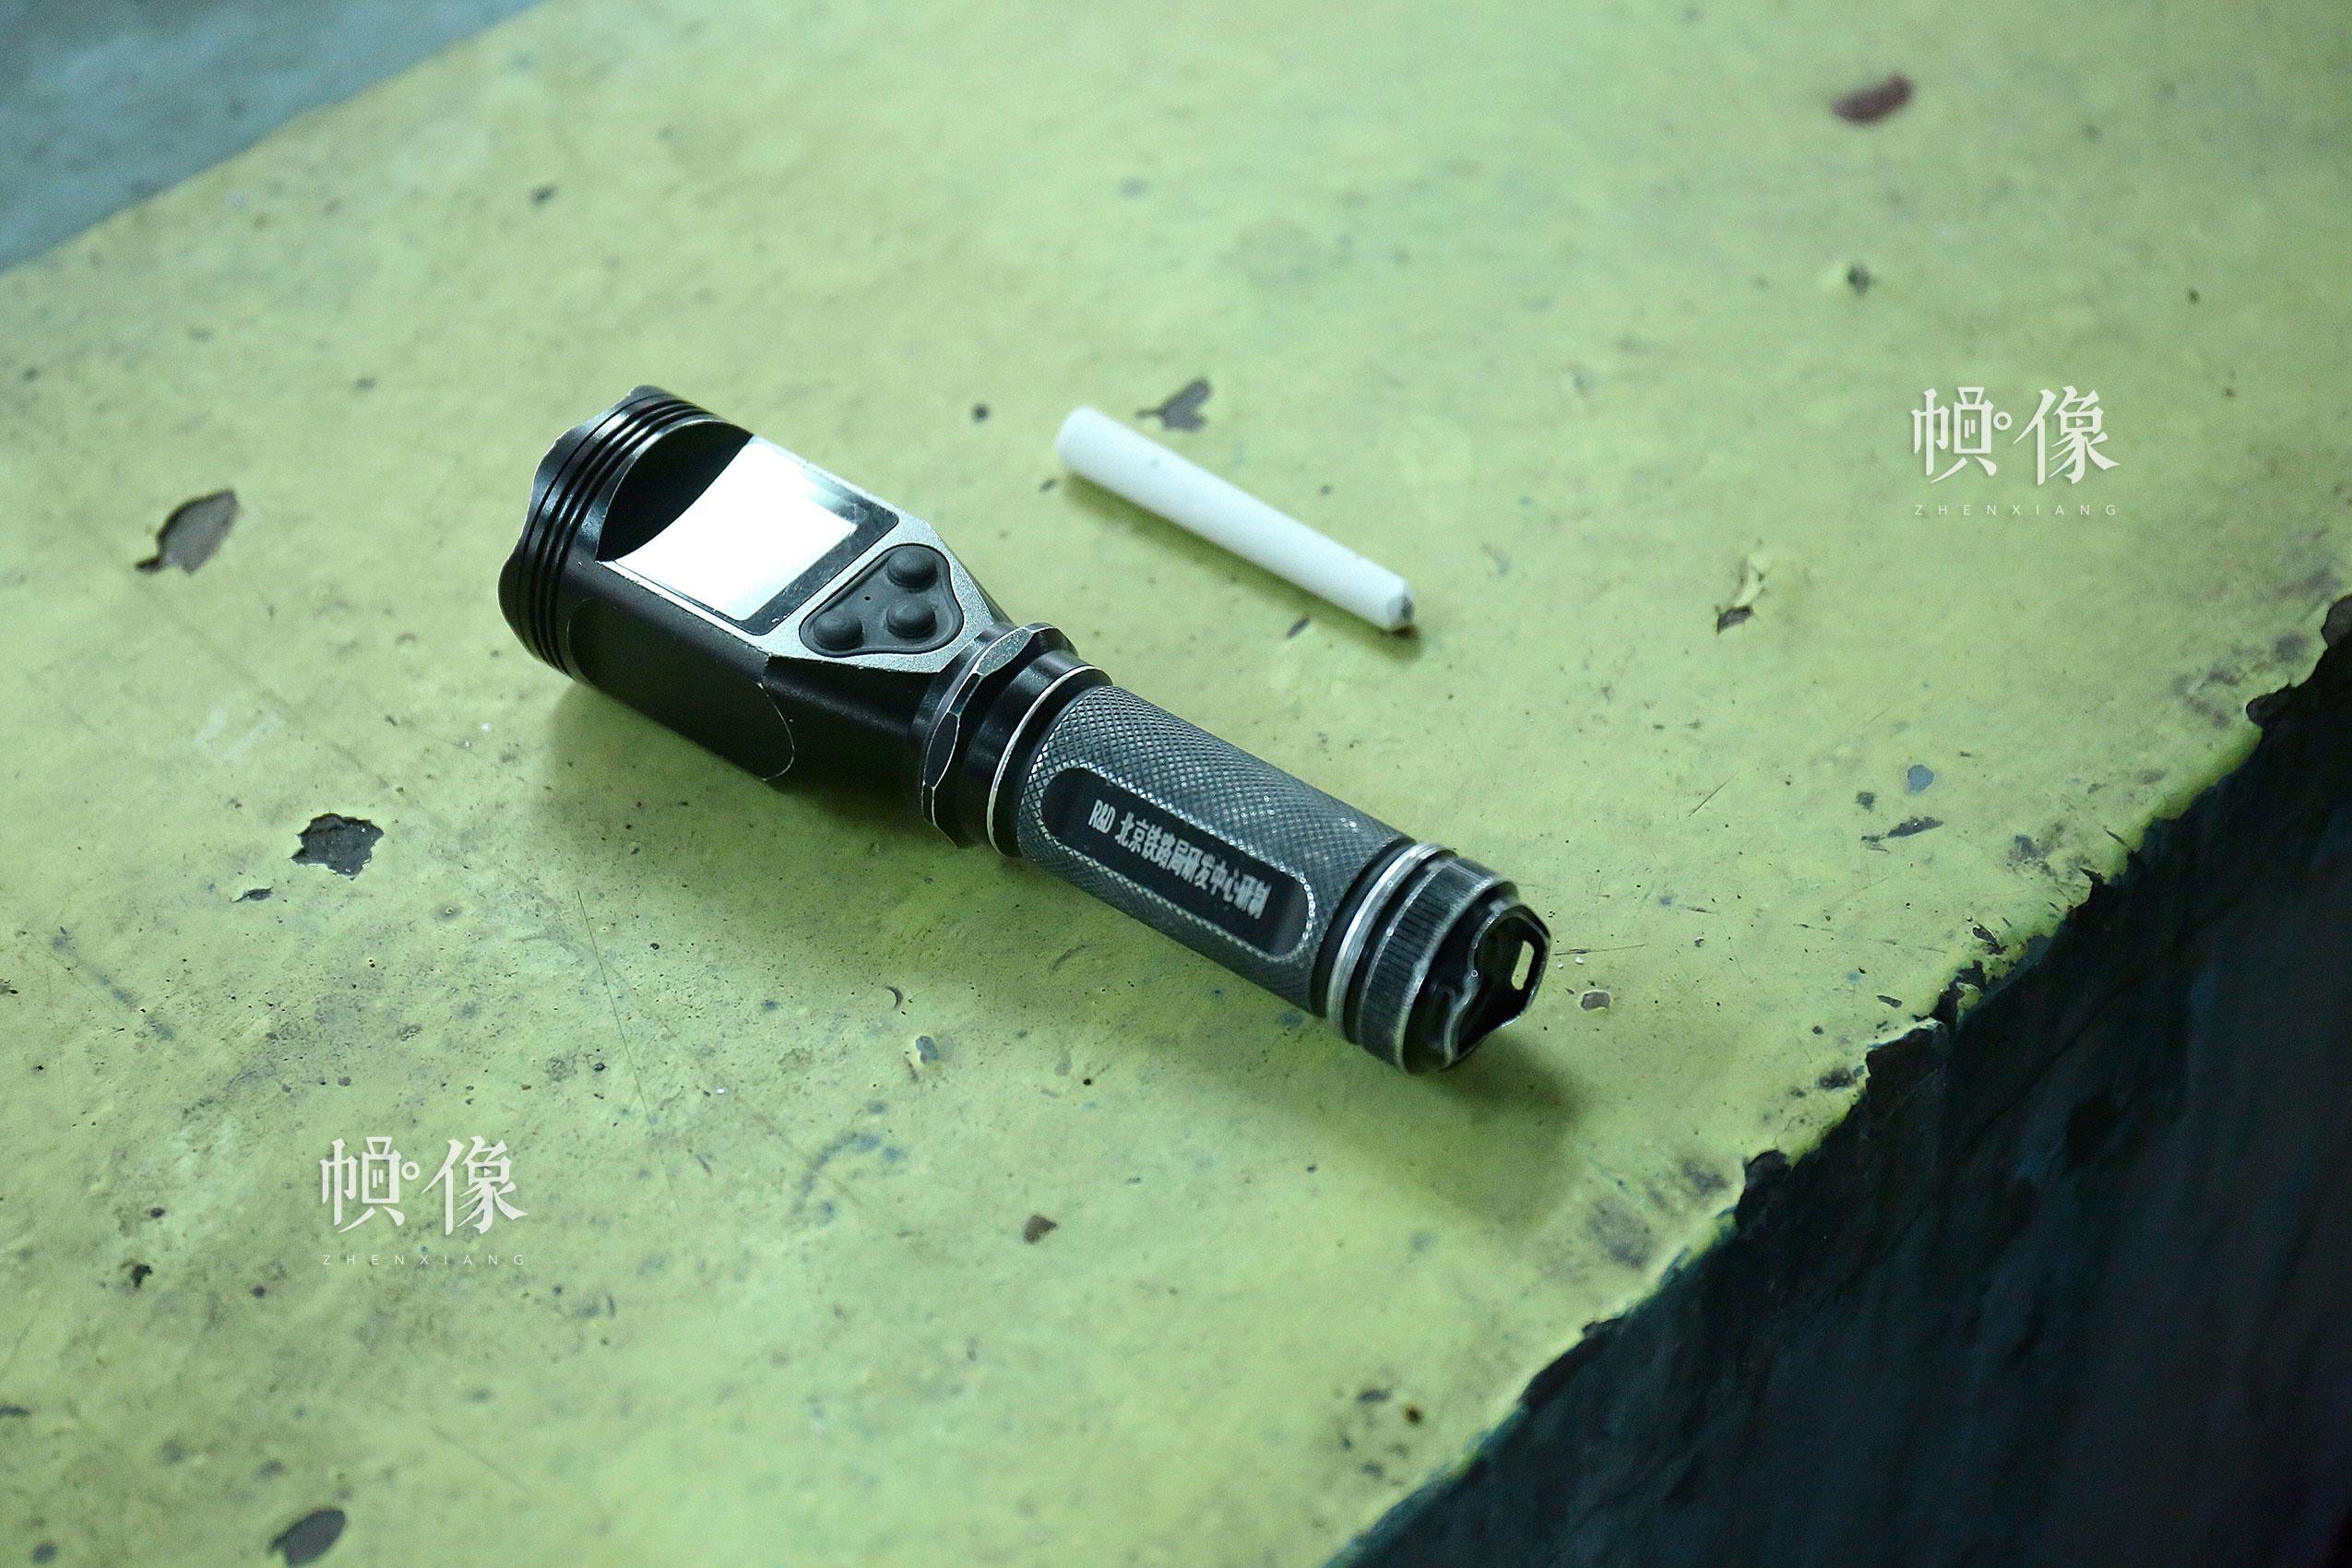 一支粉笔,一个可以拍照录像的数字化手电成为检测人员最常用的工具。中国网记者 黄富友 摄